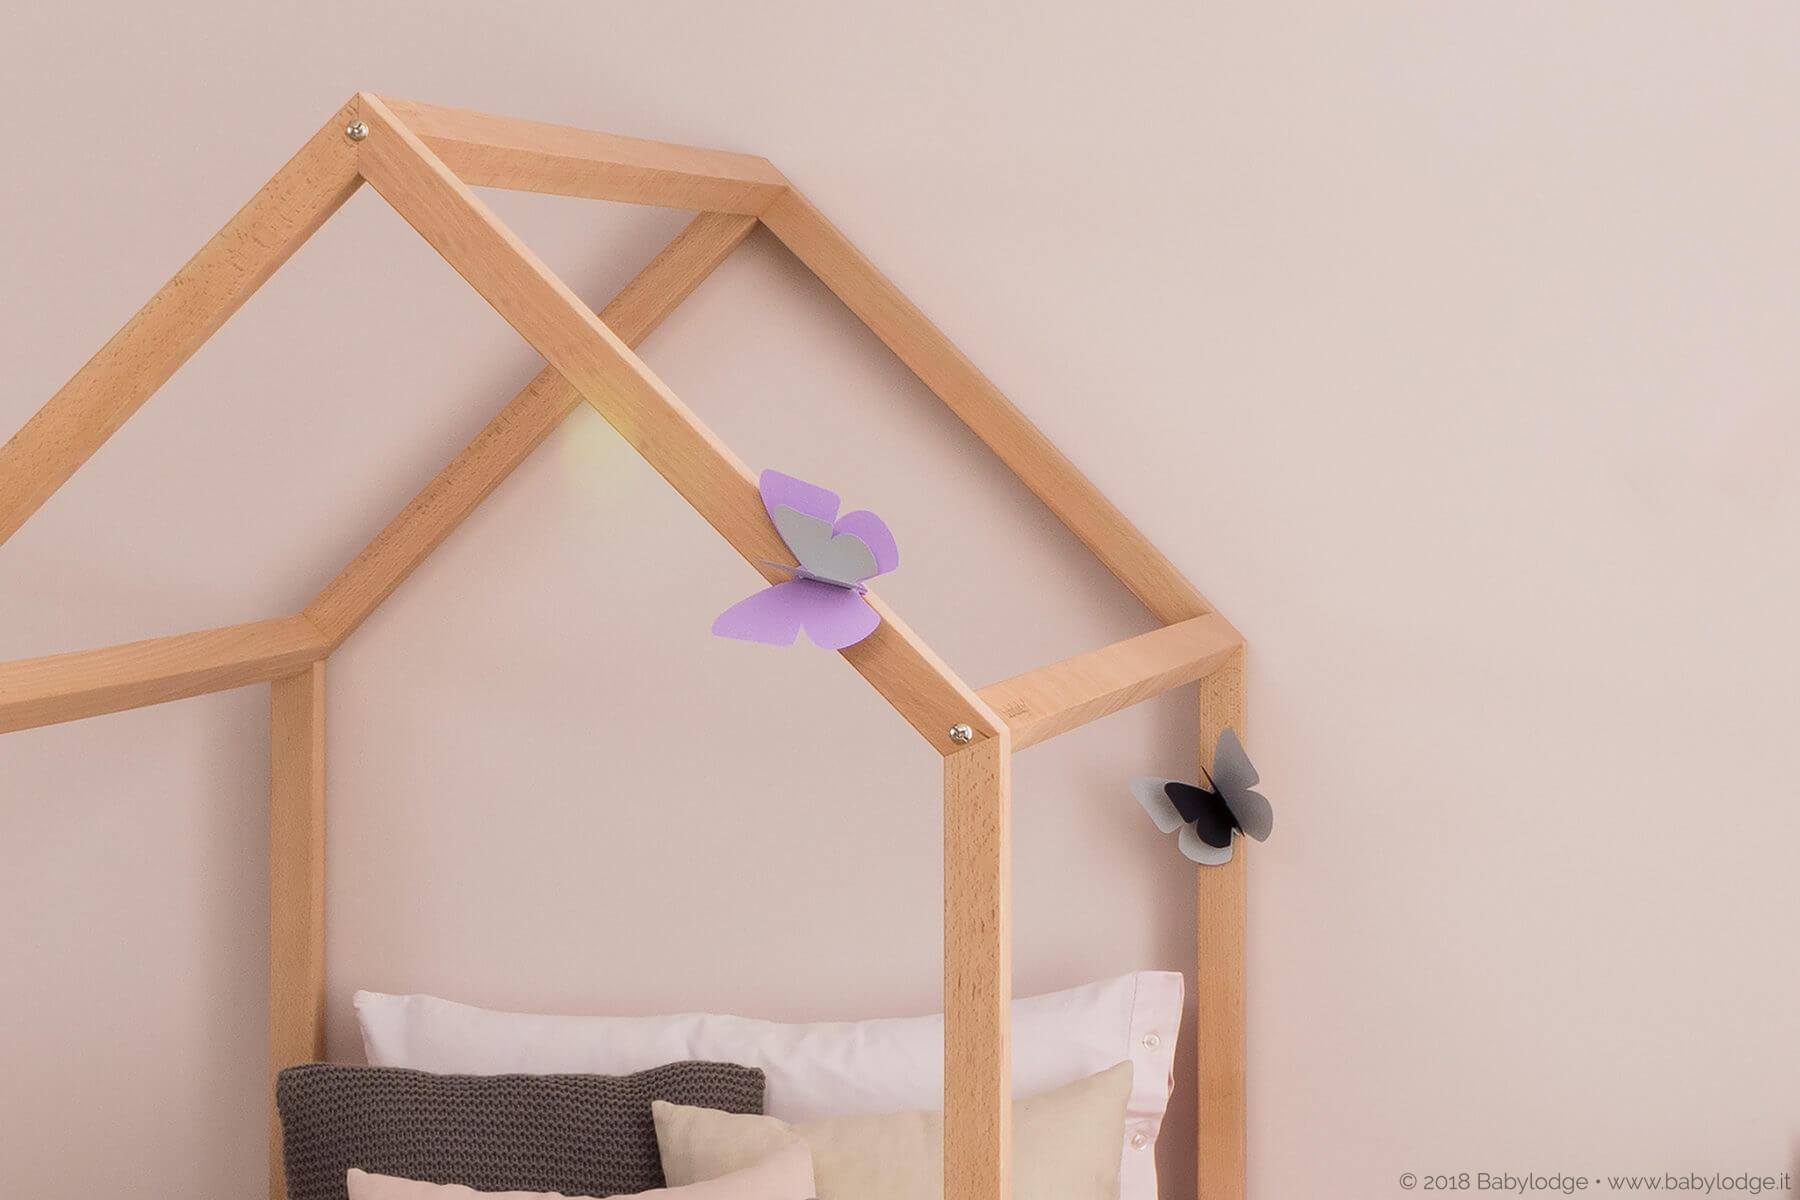 lettino montessori design Babylodge